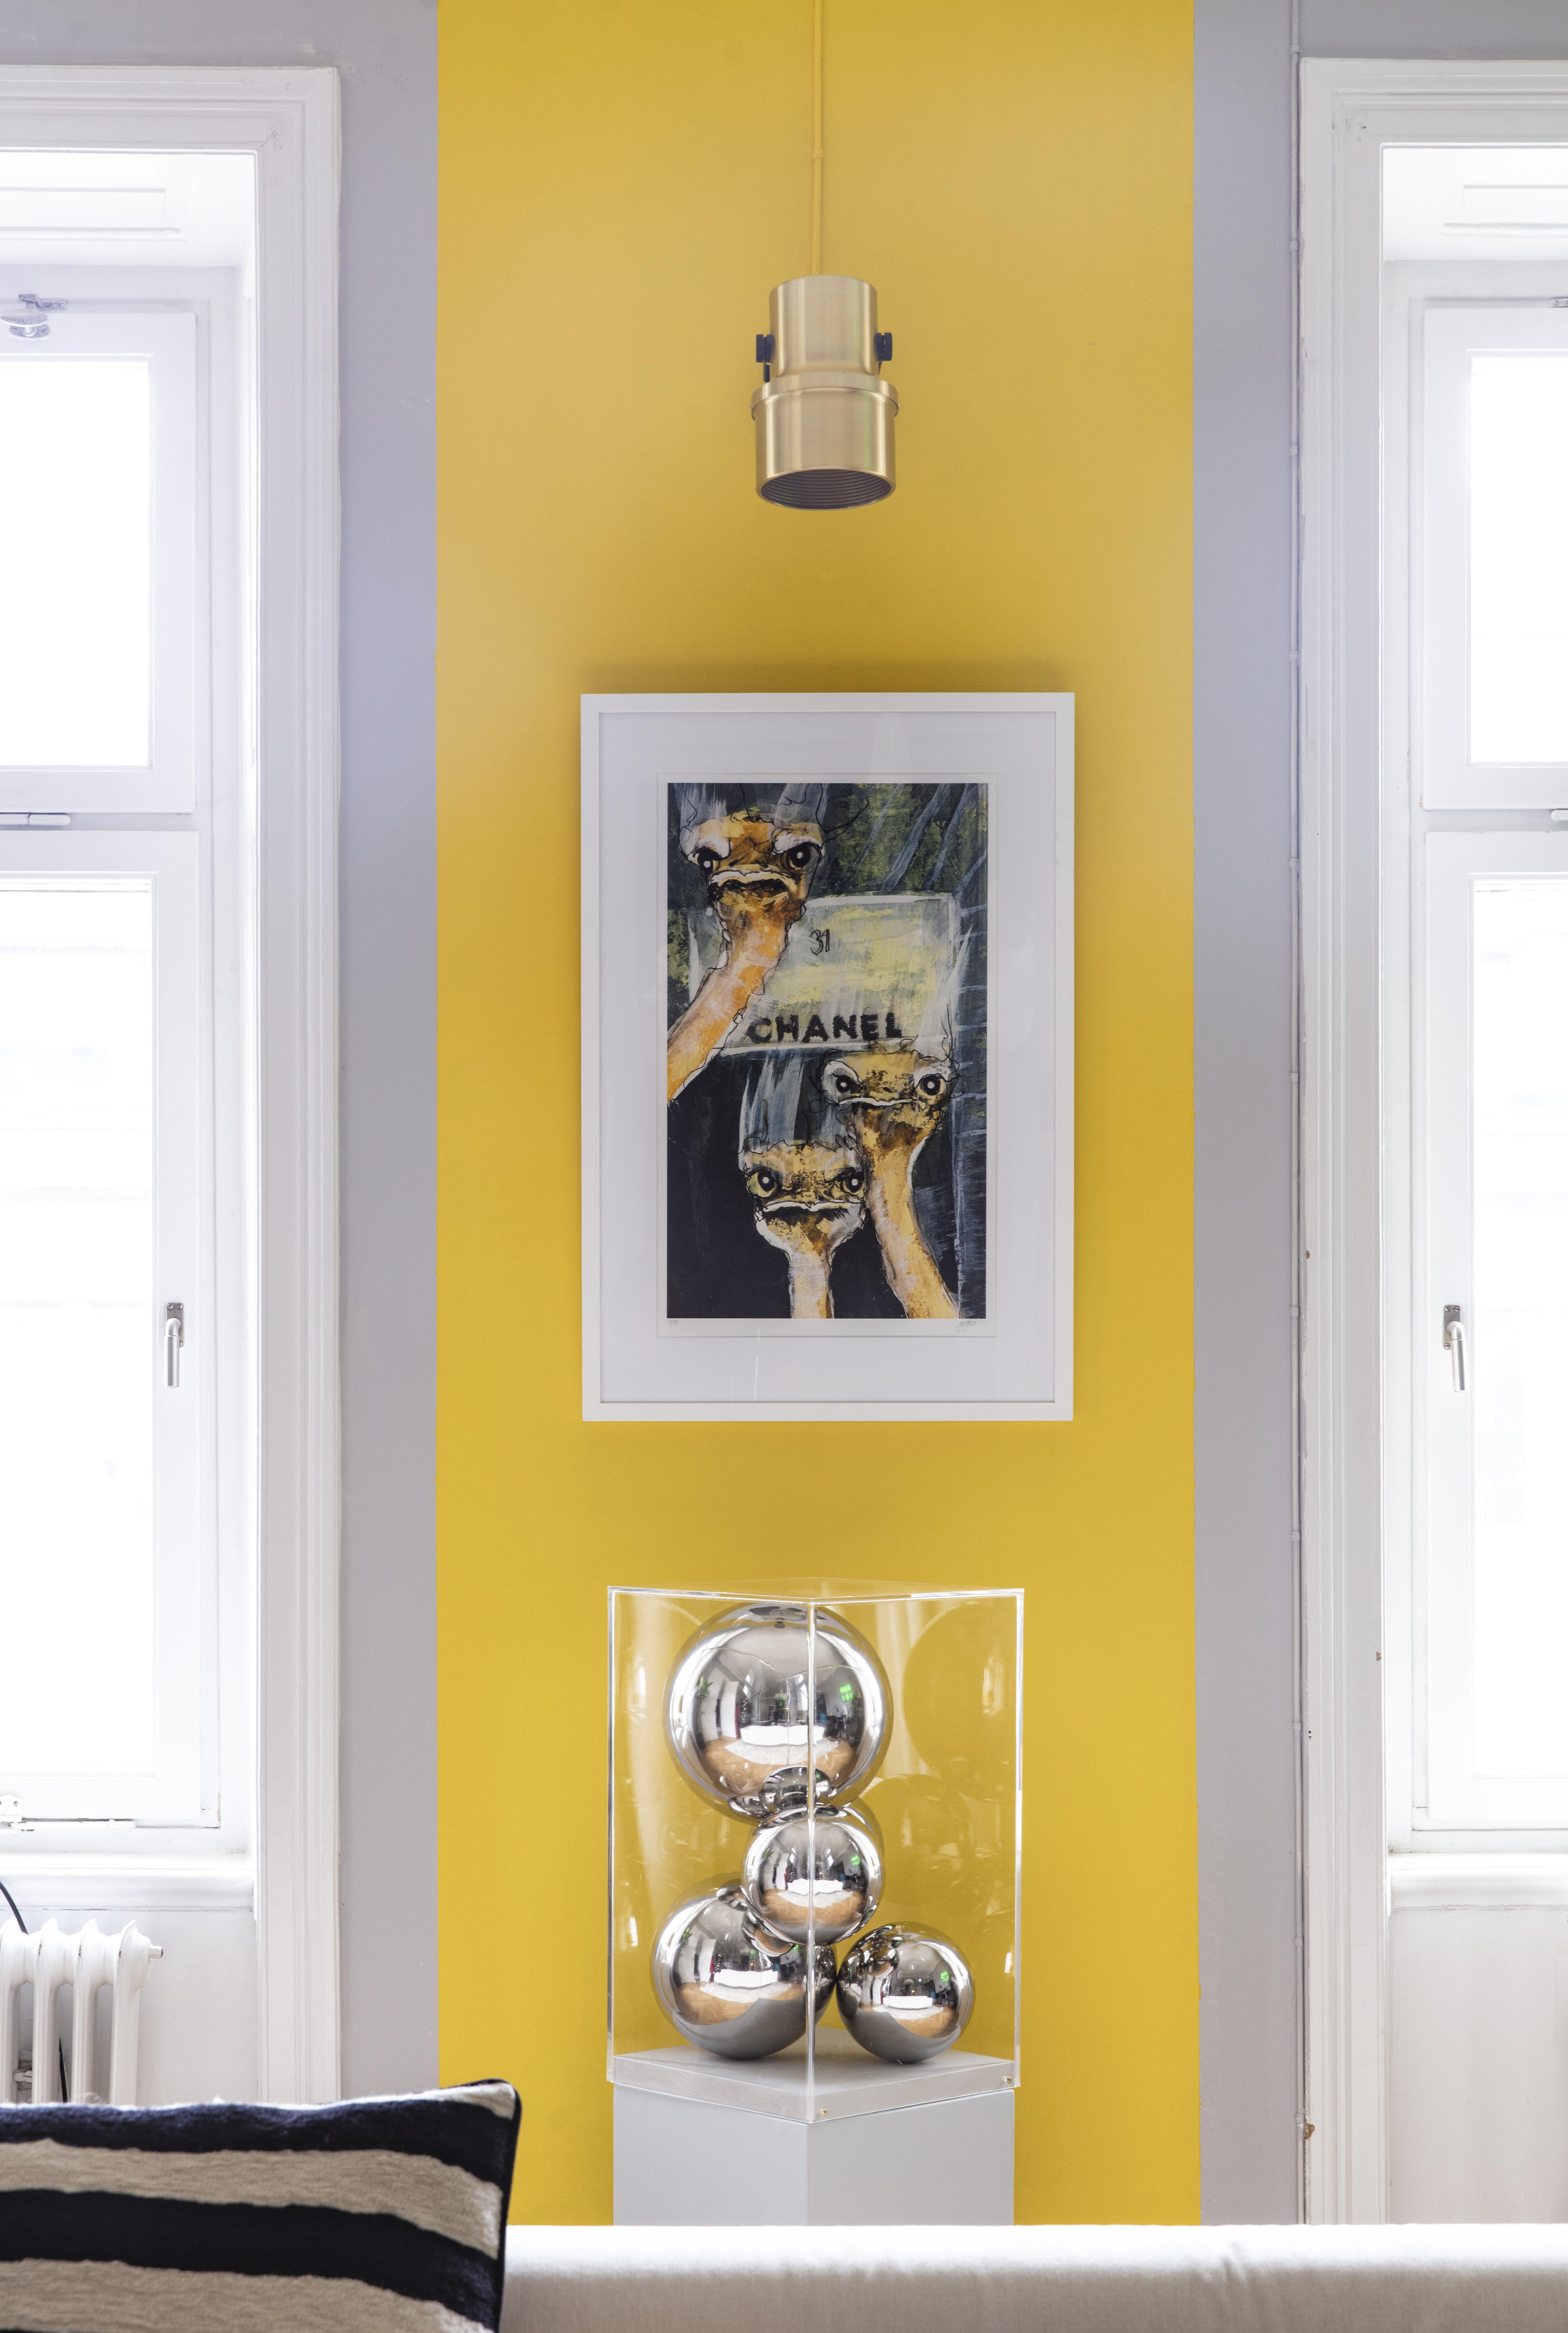 Konstverket Must Have Chanel, skapat av Lisa som en kommentar till överkonsumtion.